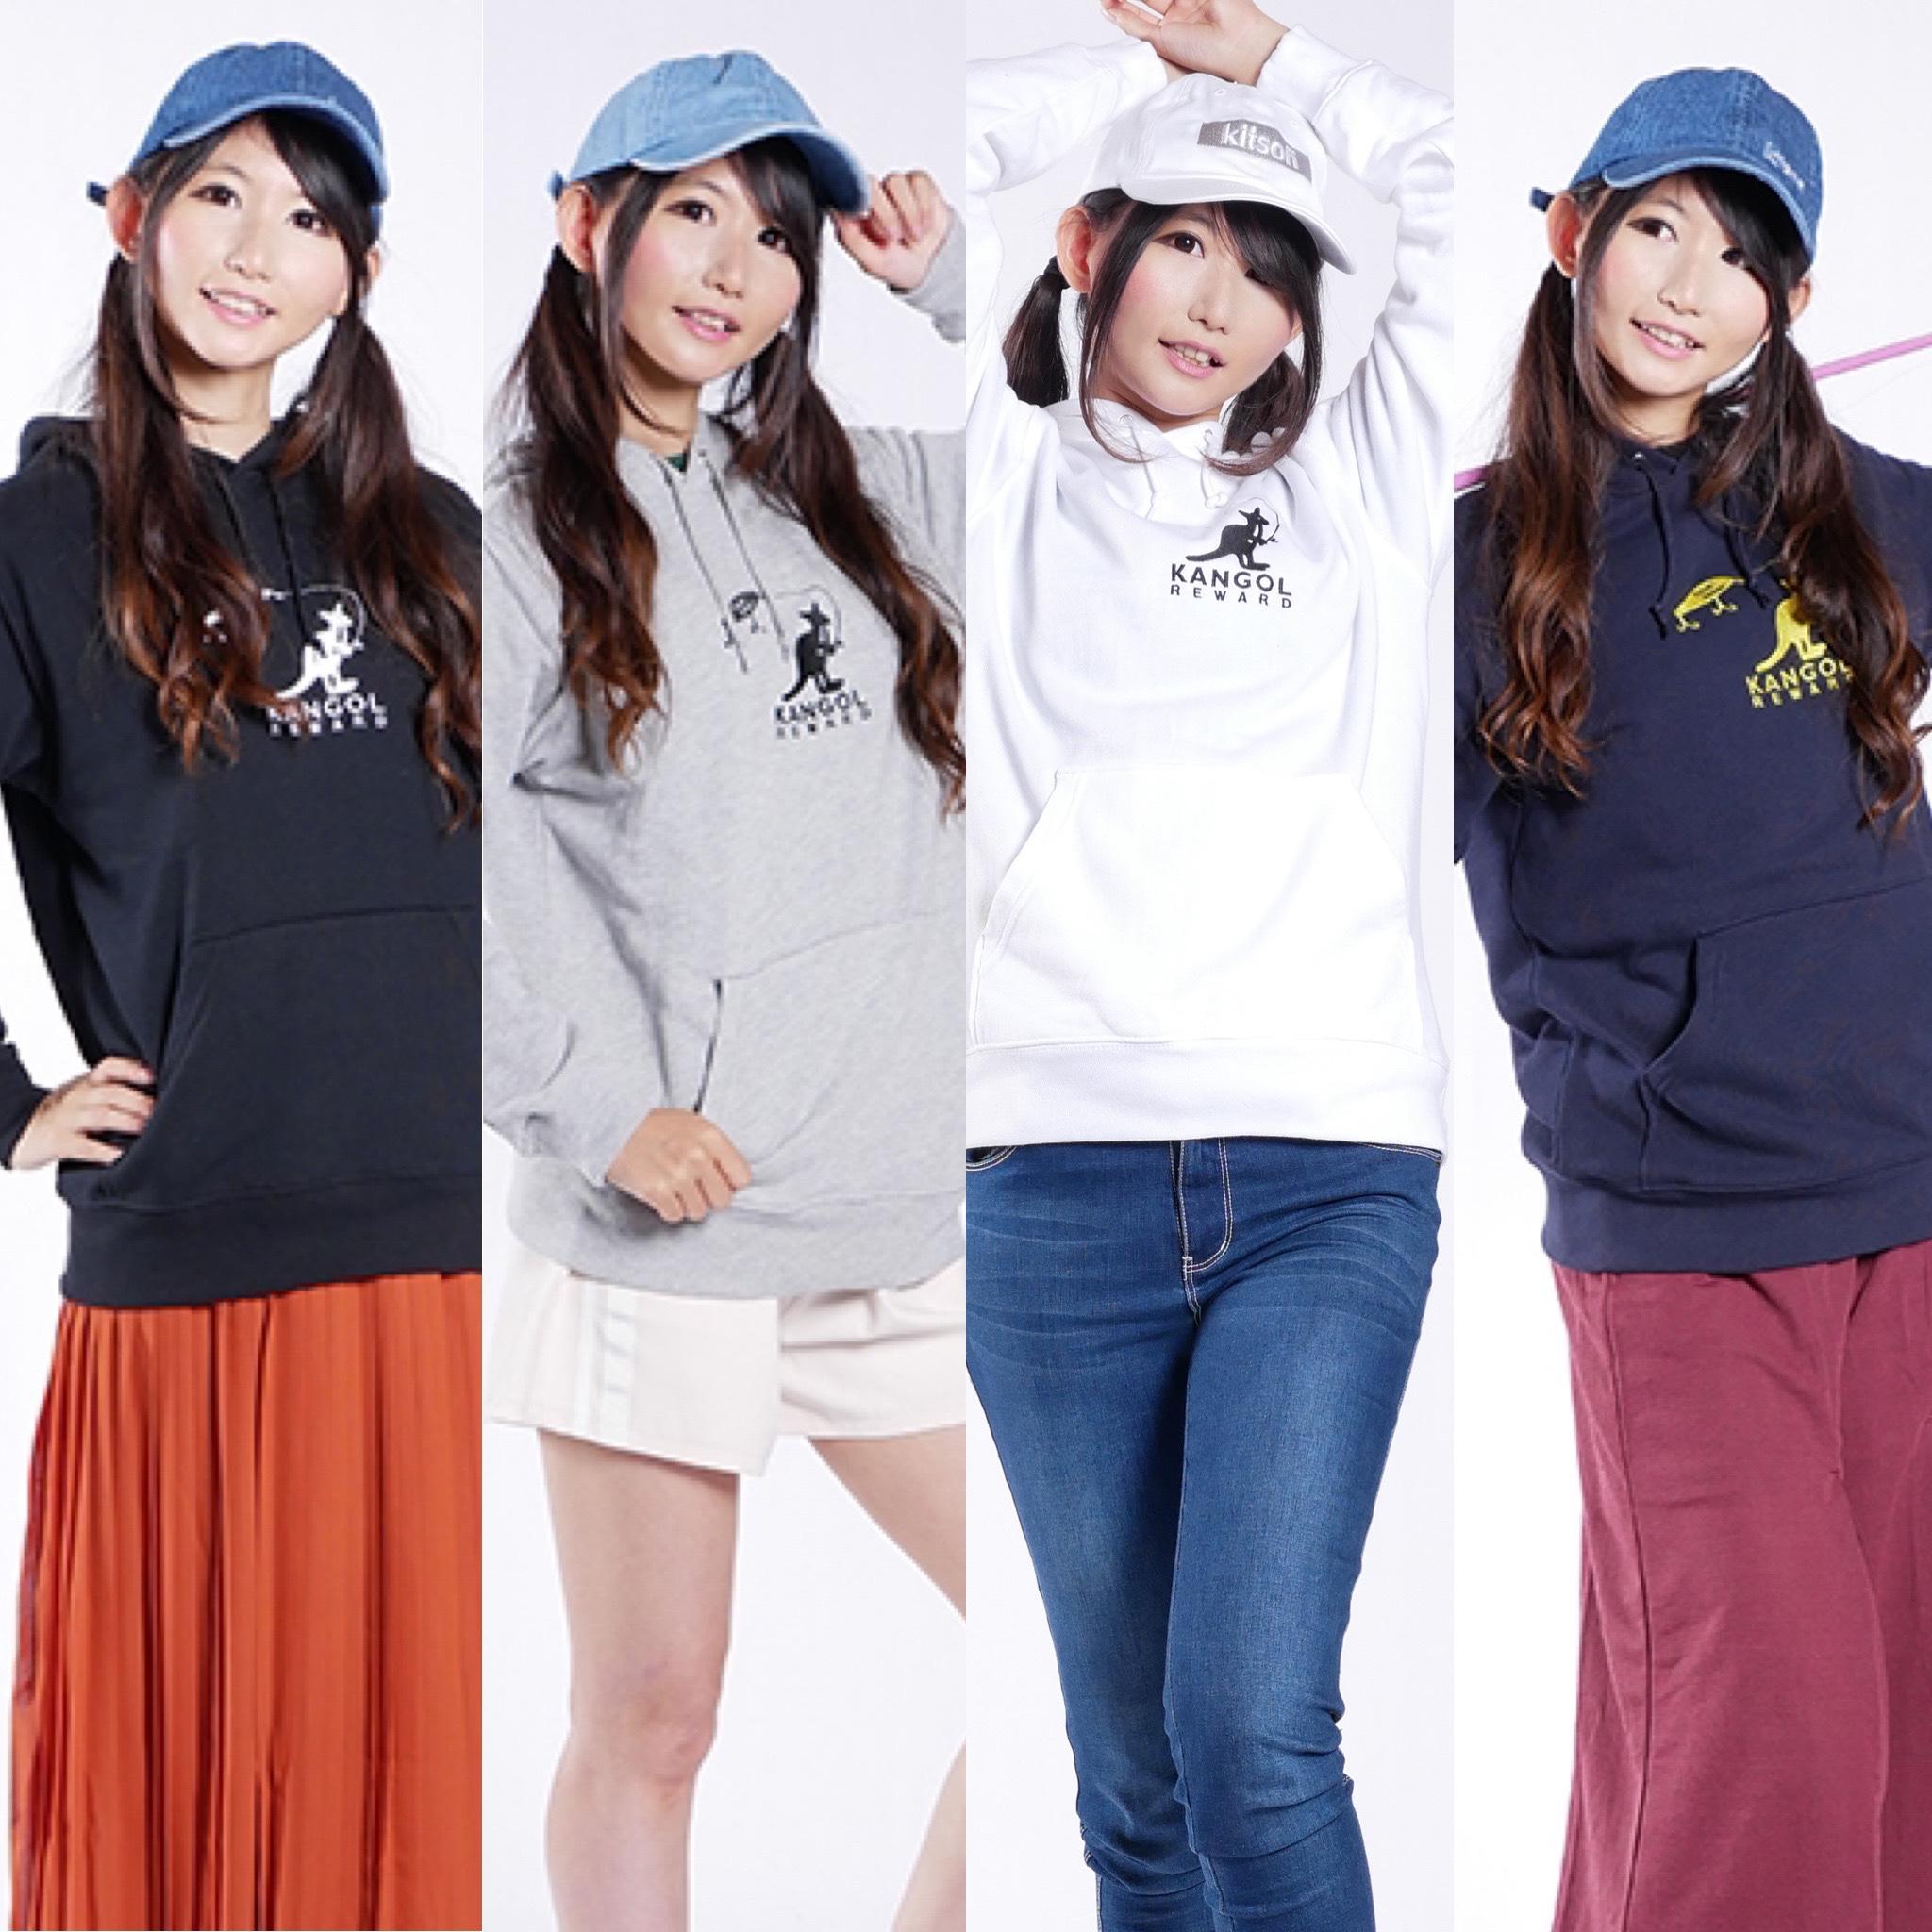 魚住つばき×KANGOL REWARDコラボTシャツとパーカーが発売!